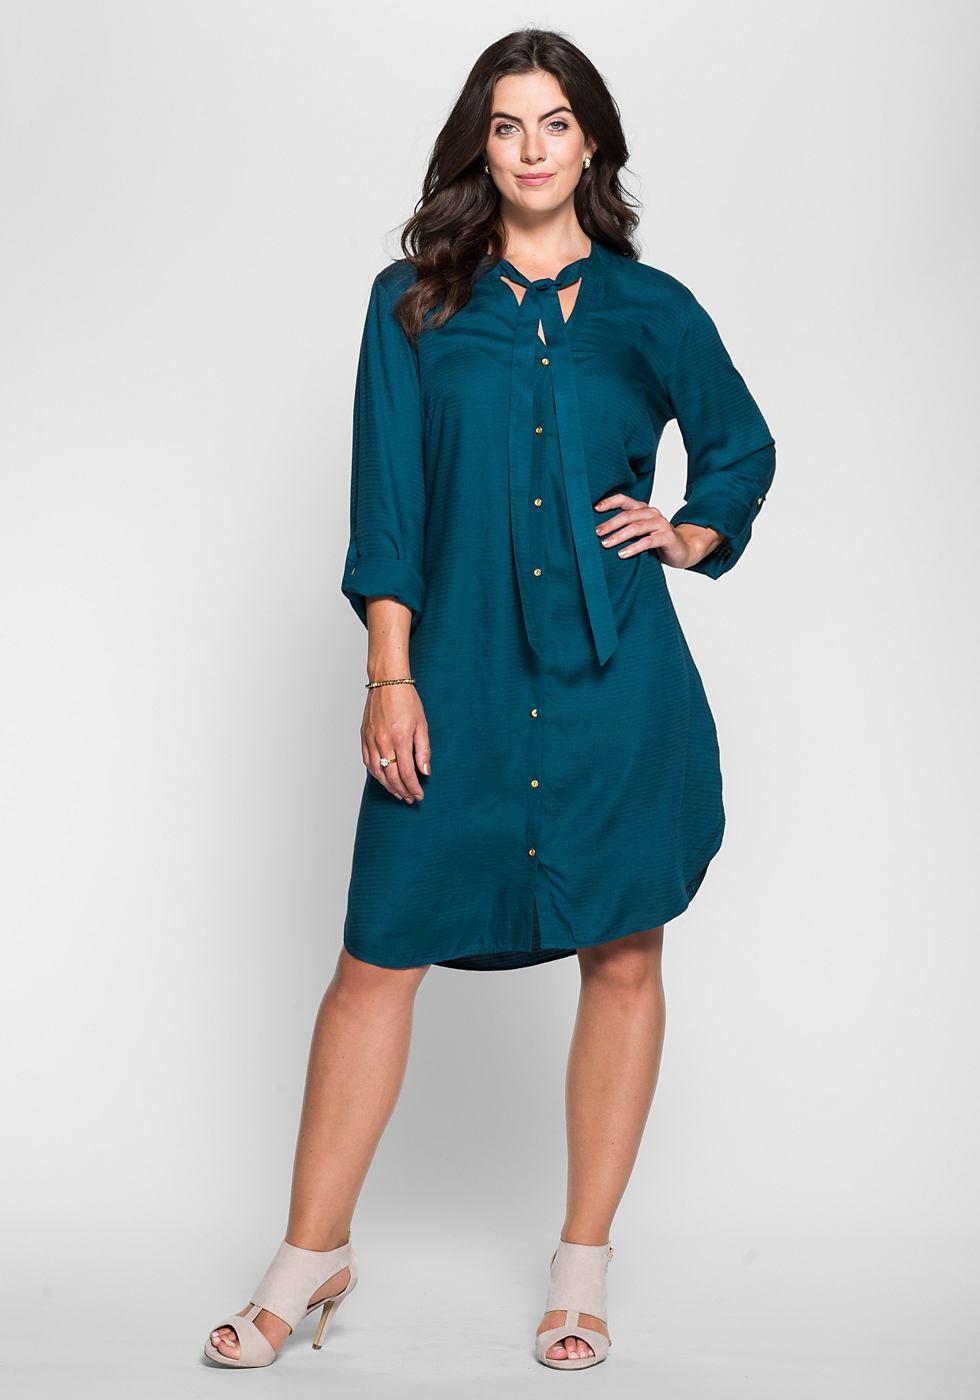 Sheego Style jurk met overhemdkraag blauw